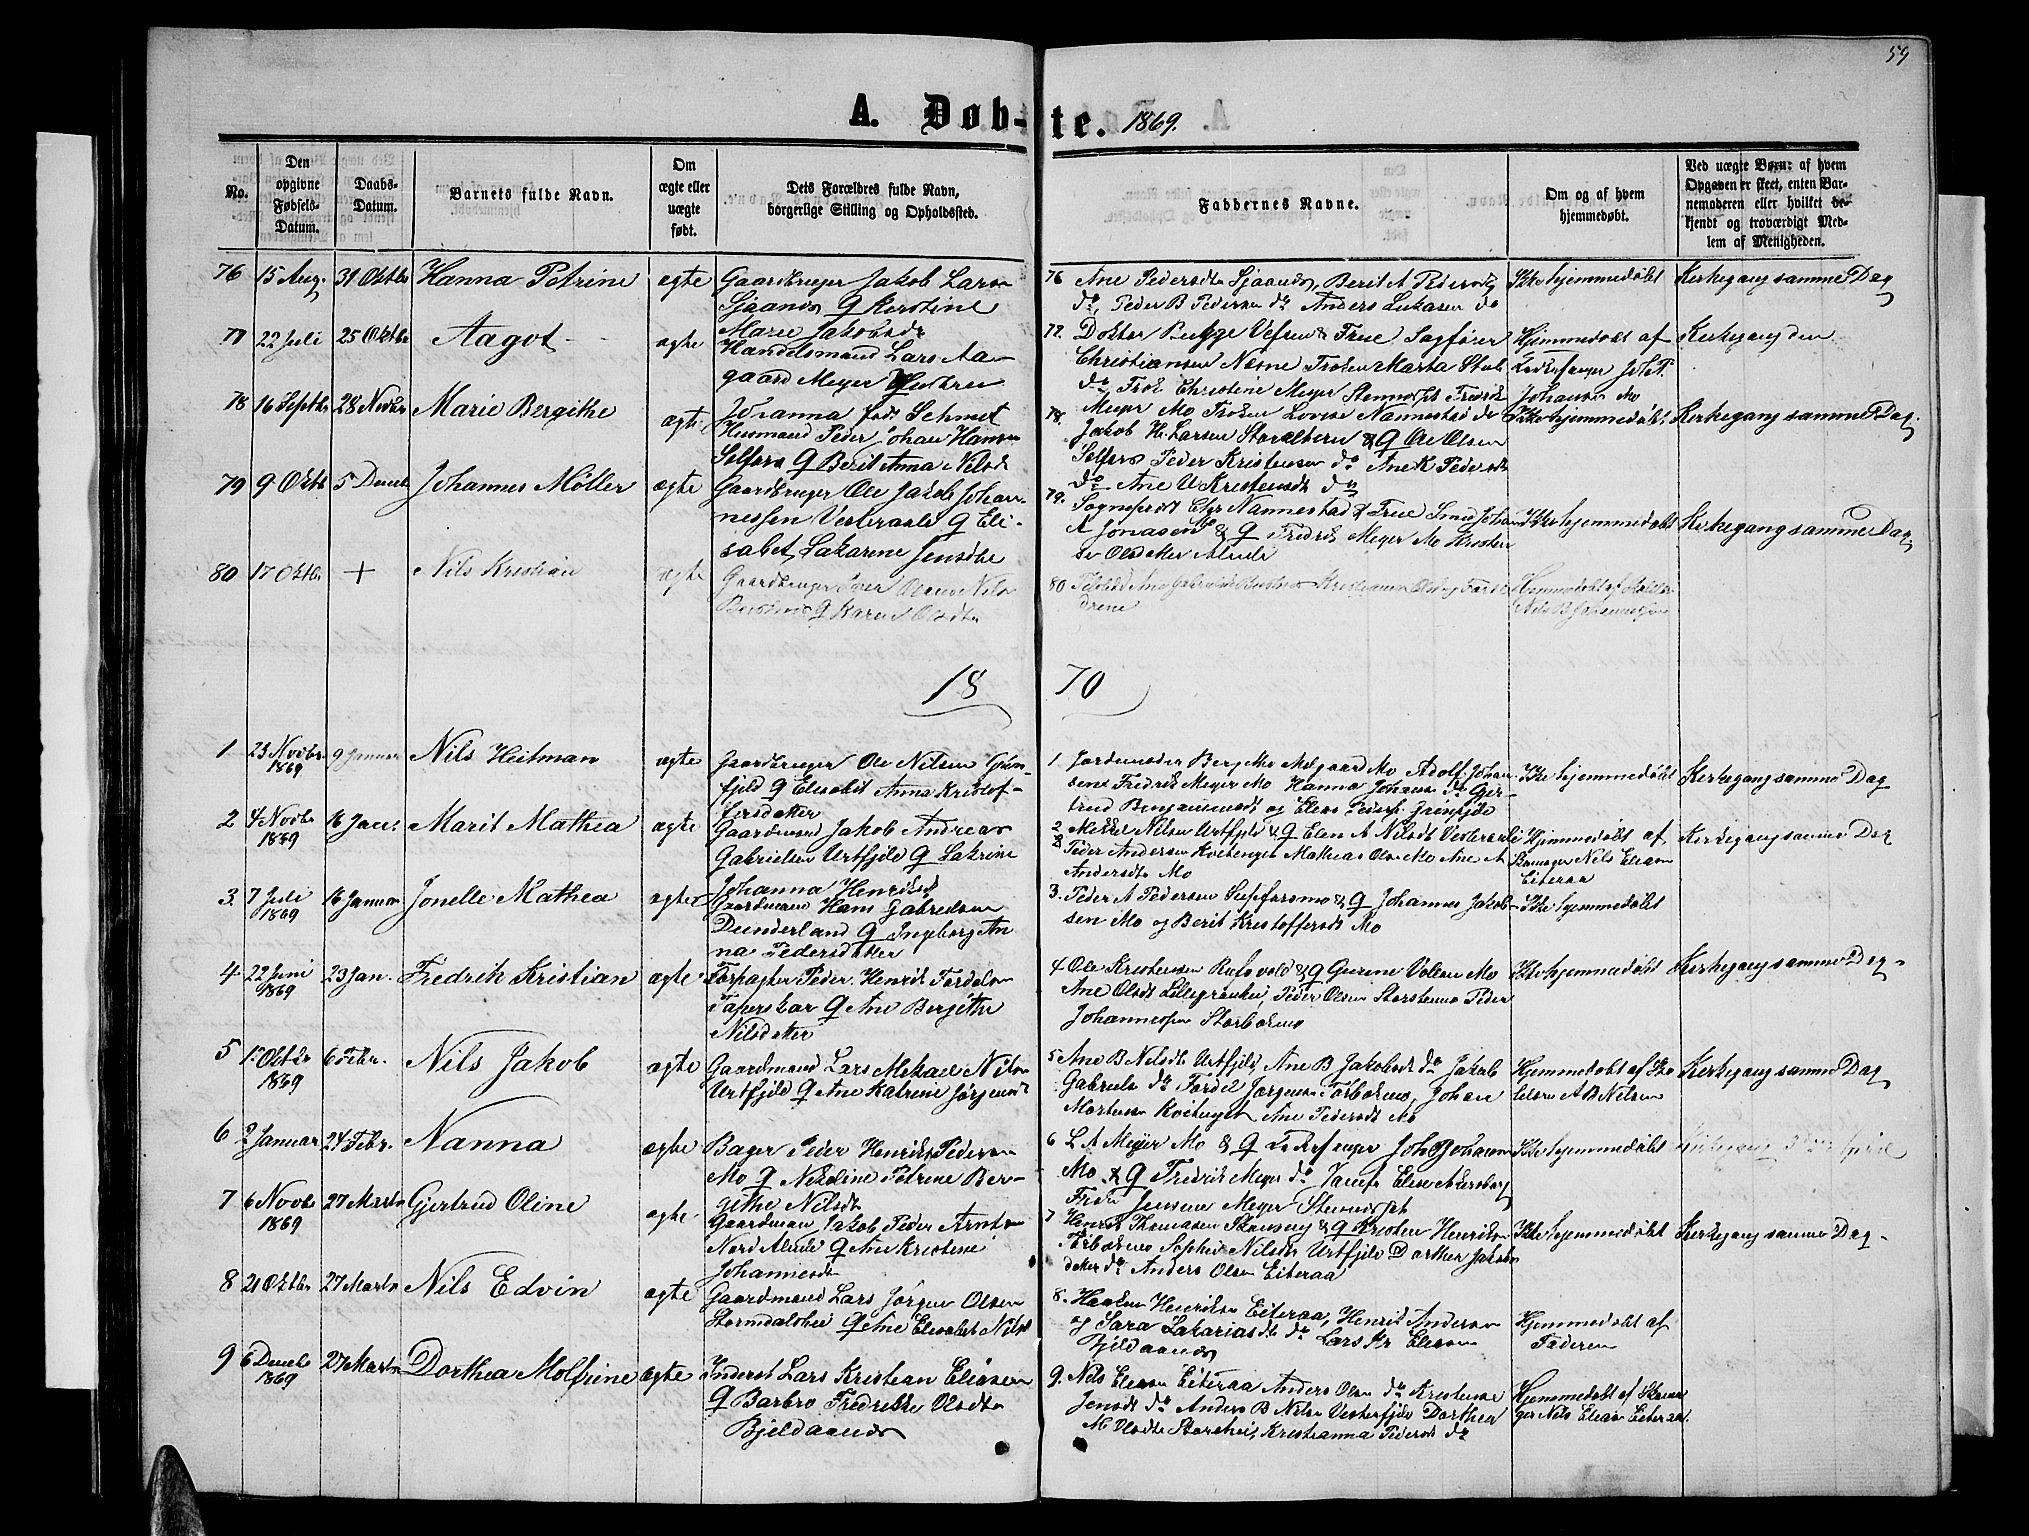 SAT, Ministerialprotokoller, klokkerbøker og fødselsregistre - Nordland, 827/L0415: Parish register (copy) no. 827C04, 1864-1886, p. 59